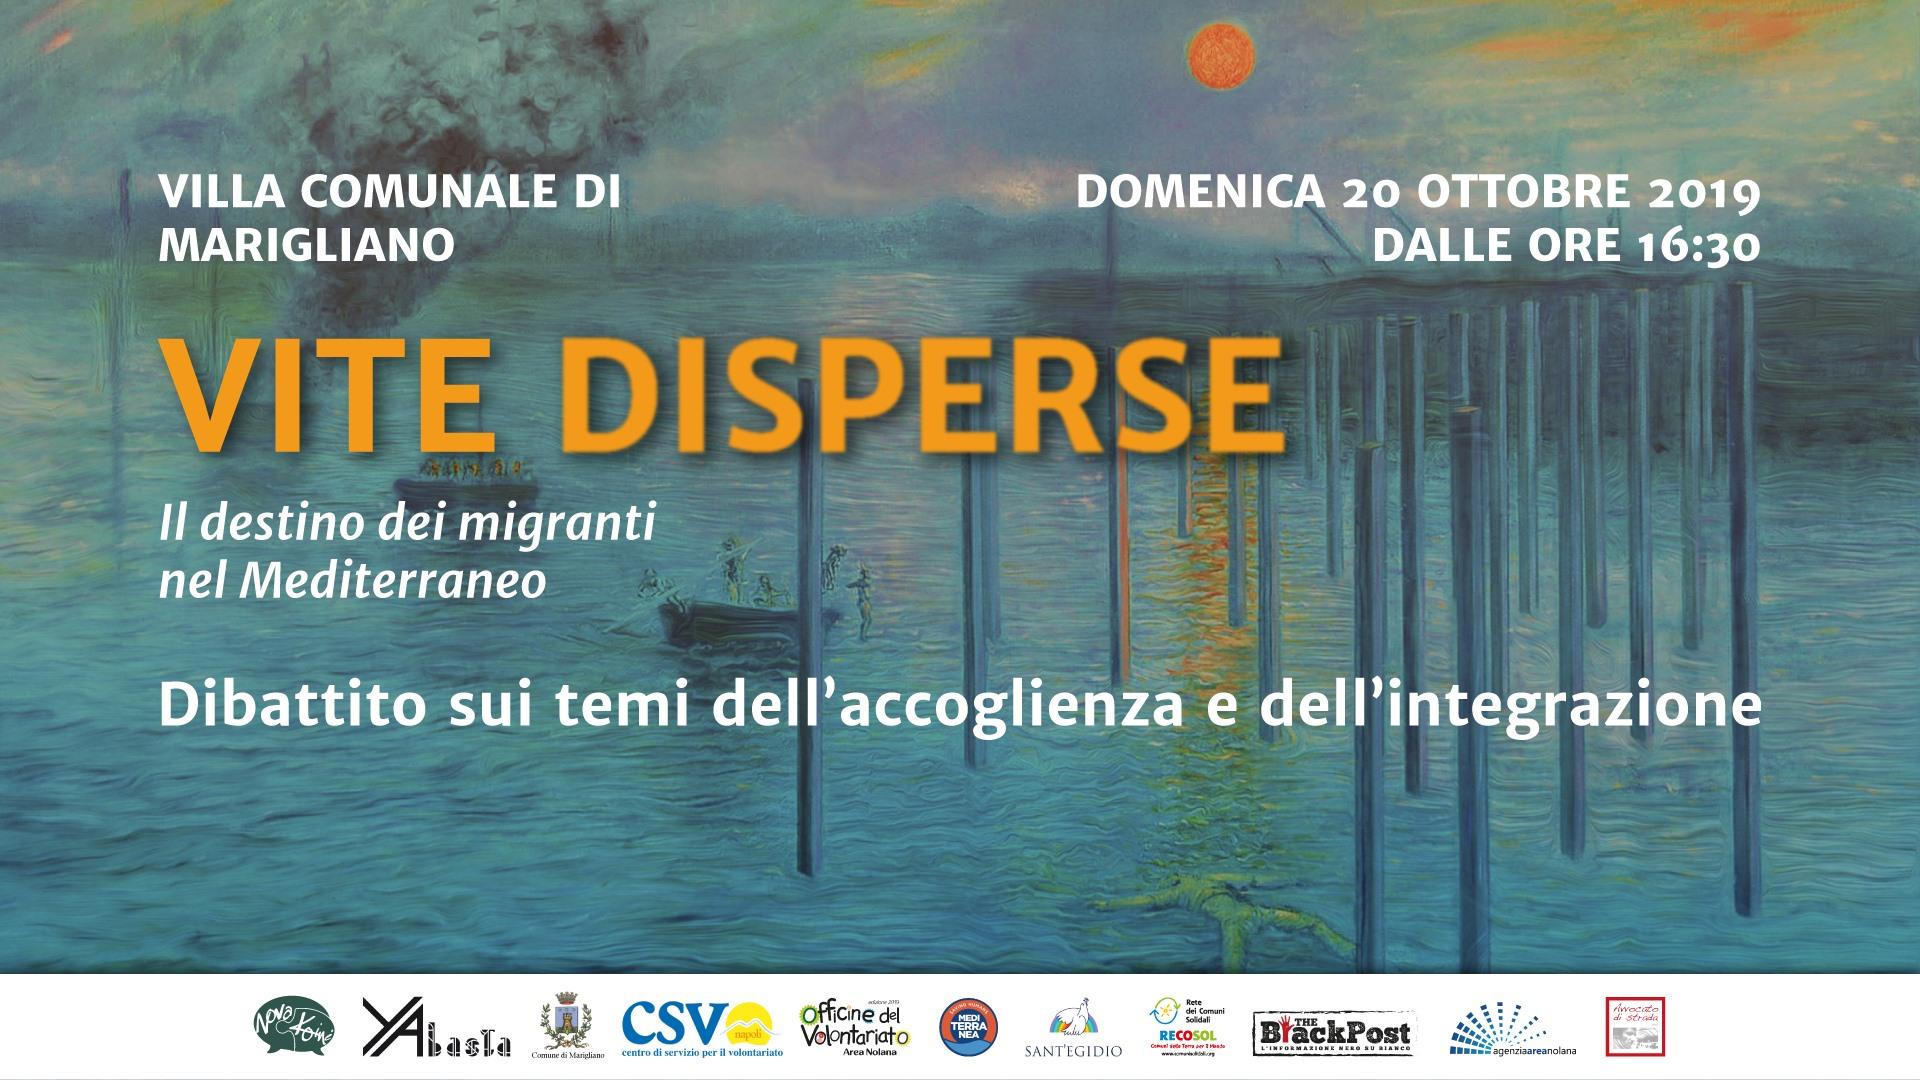 """Marigliano, il 20 ottobre """"Vite disperse: il destino dei migranti nel Mediterraneo"""": dibattito su accoglienza e immigrazione"""